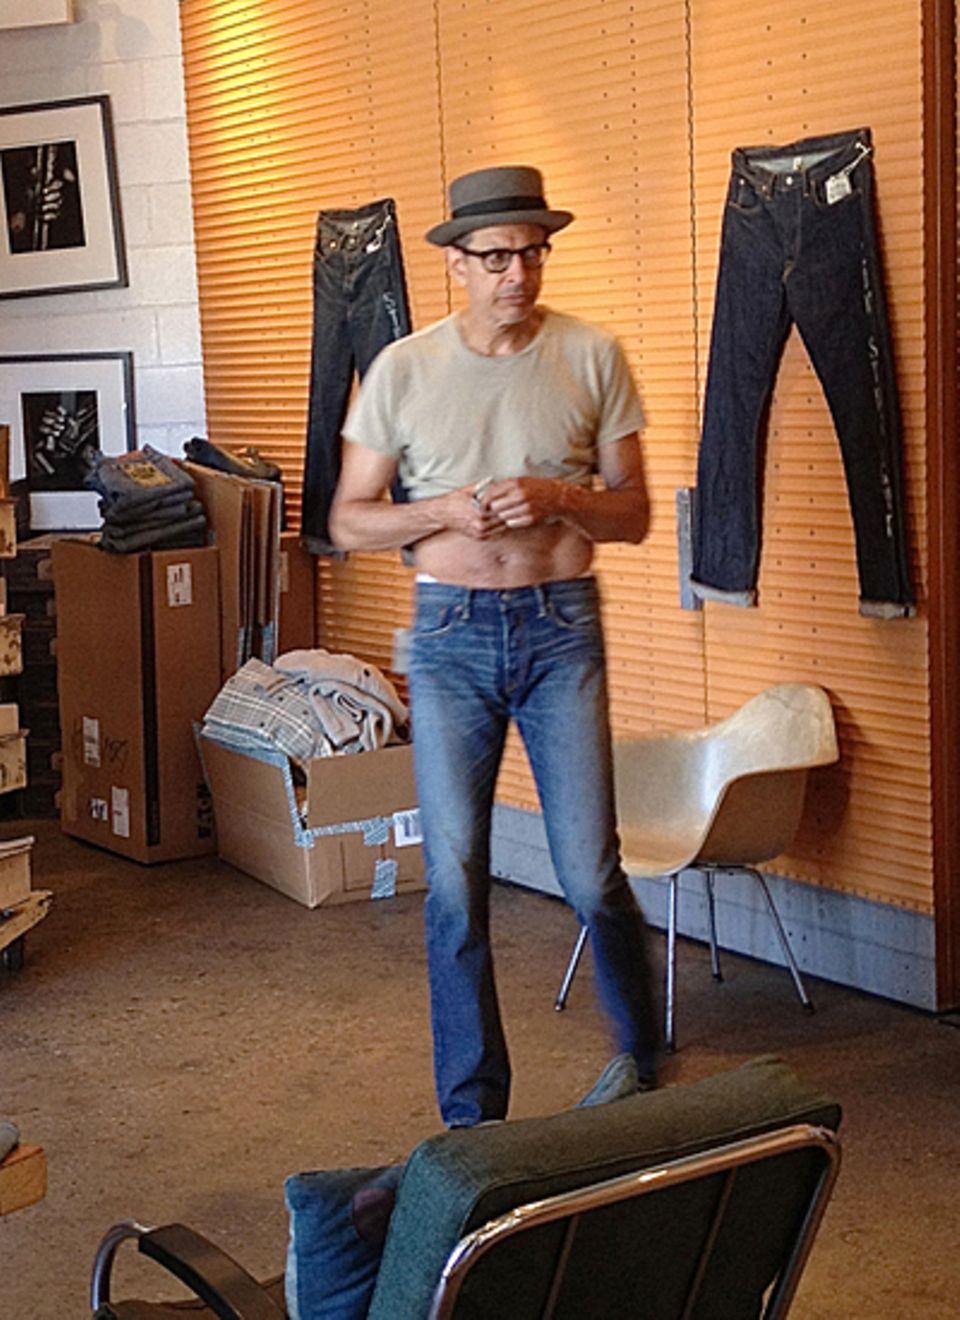 9. Juli 2012: Jeff Goldblum macht in Los Angeles die Klamottenläden unsicher, um sich eine neue Jeans zu kaufen.